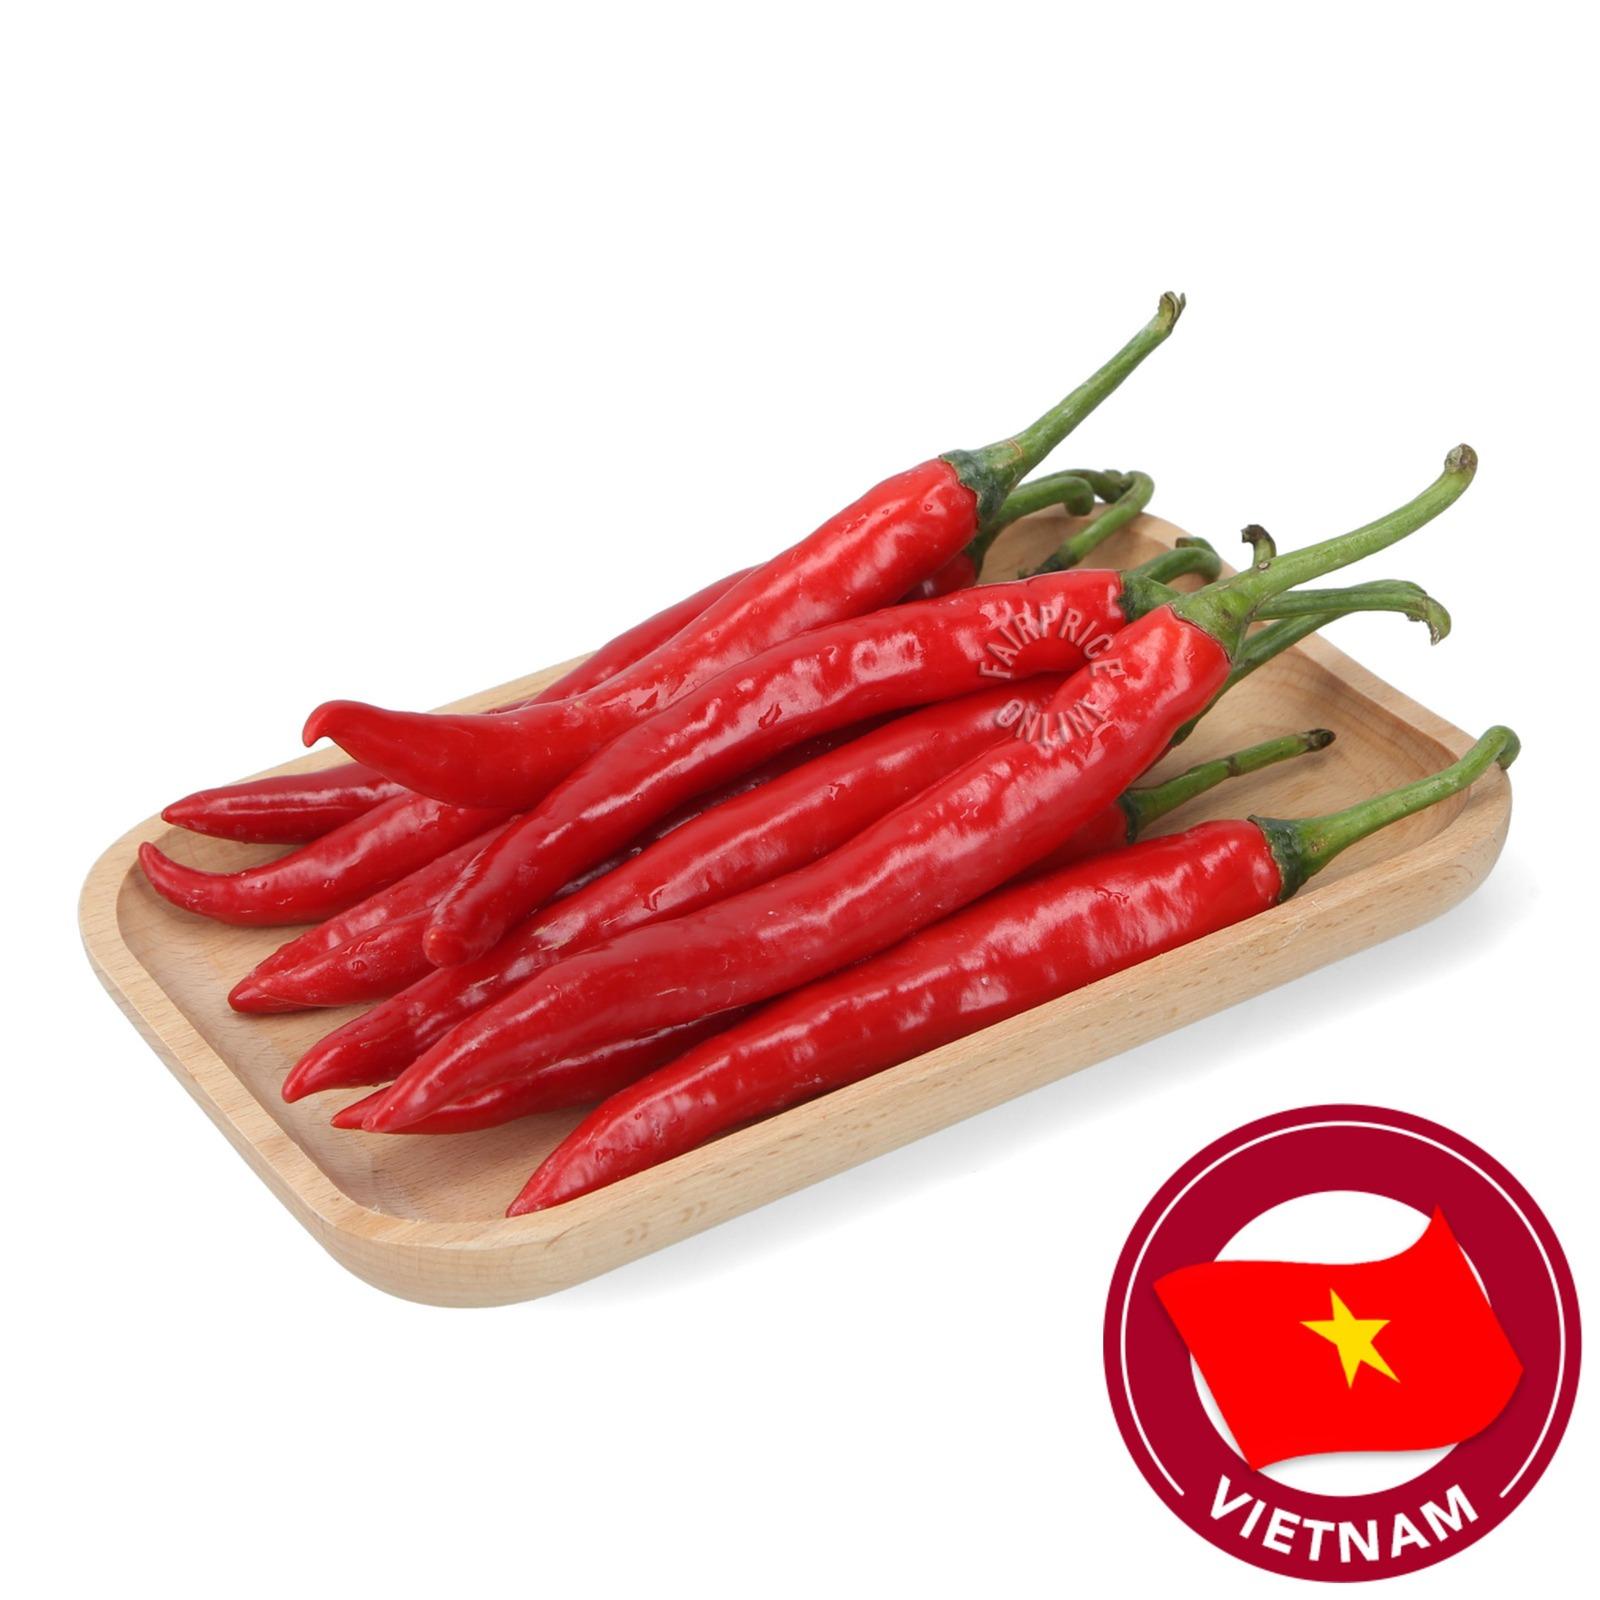 Fresh Chili - Red